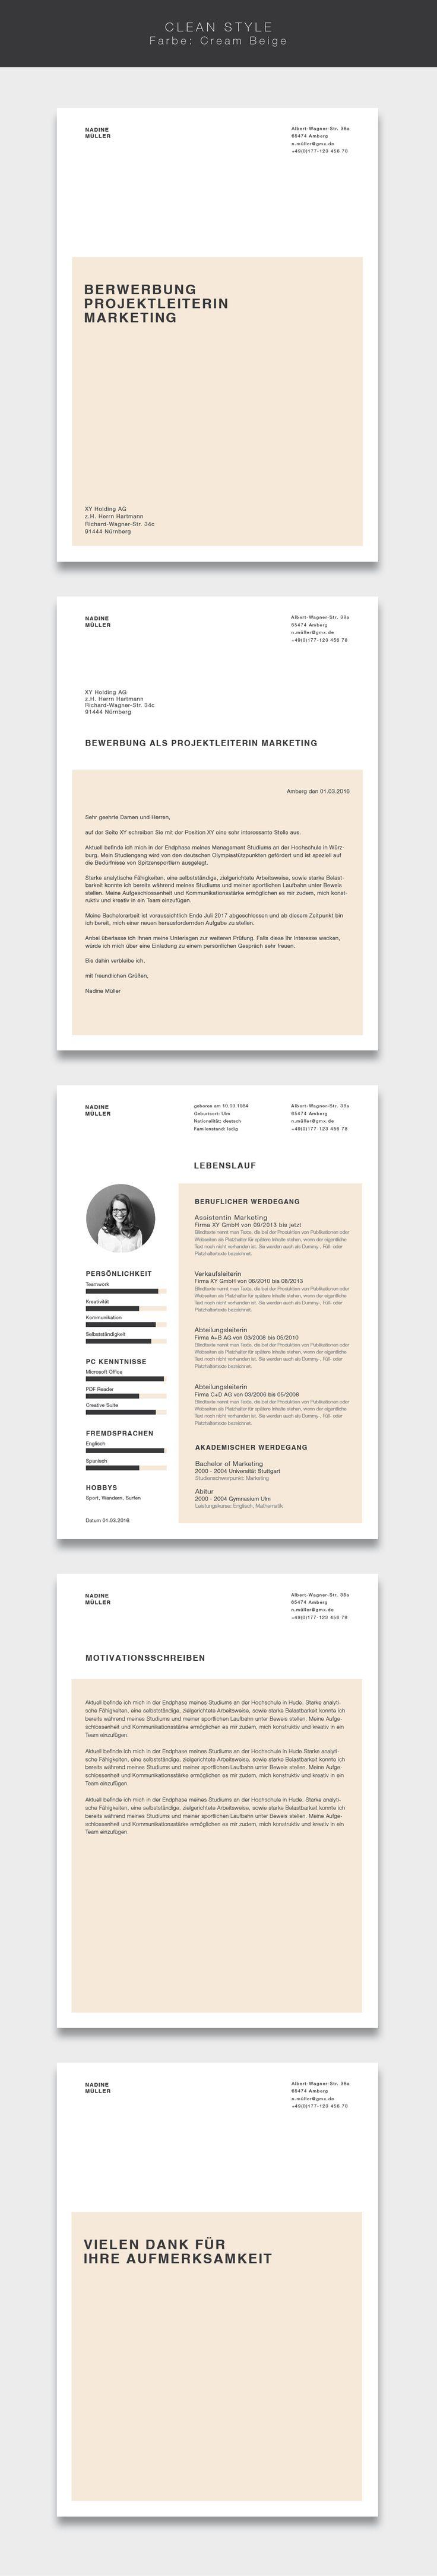 """Ab jetzt neu in unserem Shop. Die Bewerbungsvorlage ( #cvtemplate ) """"Clean Style"""" in der Farbe Cream Beige. Less is more. Einfaches und übersichtliches Design kombiniert mit einem strukturierten Aufbau. Mit der Vorlage """"Clean Style"""" lassen Sie alle Mitbewerber verblassen. Sie erhalten von uns ein Deckblatt, Anschreiben, Lebenslauf, Motivationsschreiben und Abschlussseite. Die Datei bekommen Sie als fertige Pages- oder Word-Datei inklusive Platzhaltertext mit Hinweisen. #grafikdesign #fashion"""